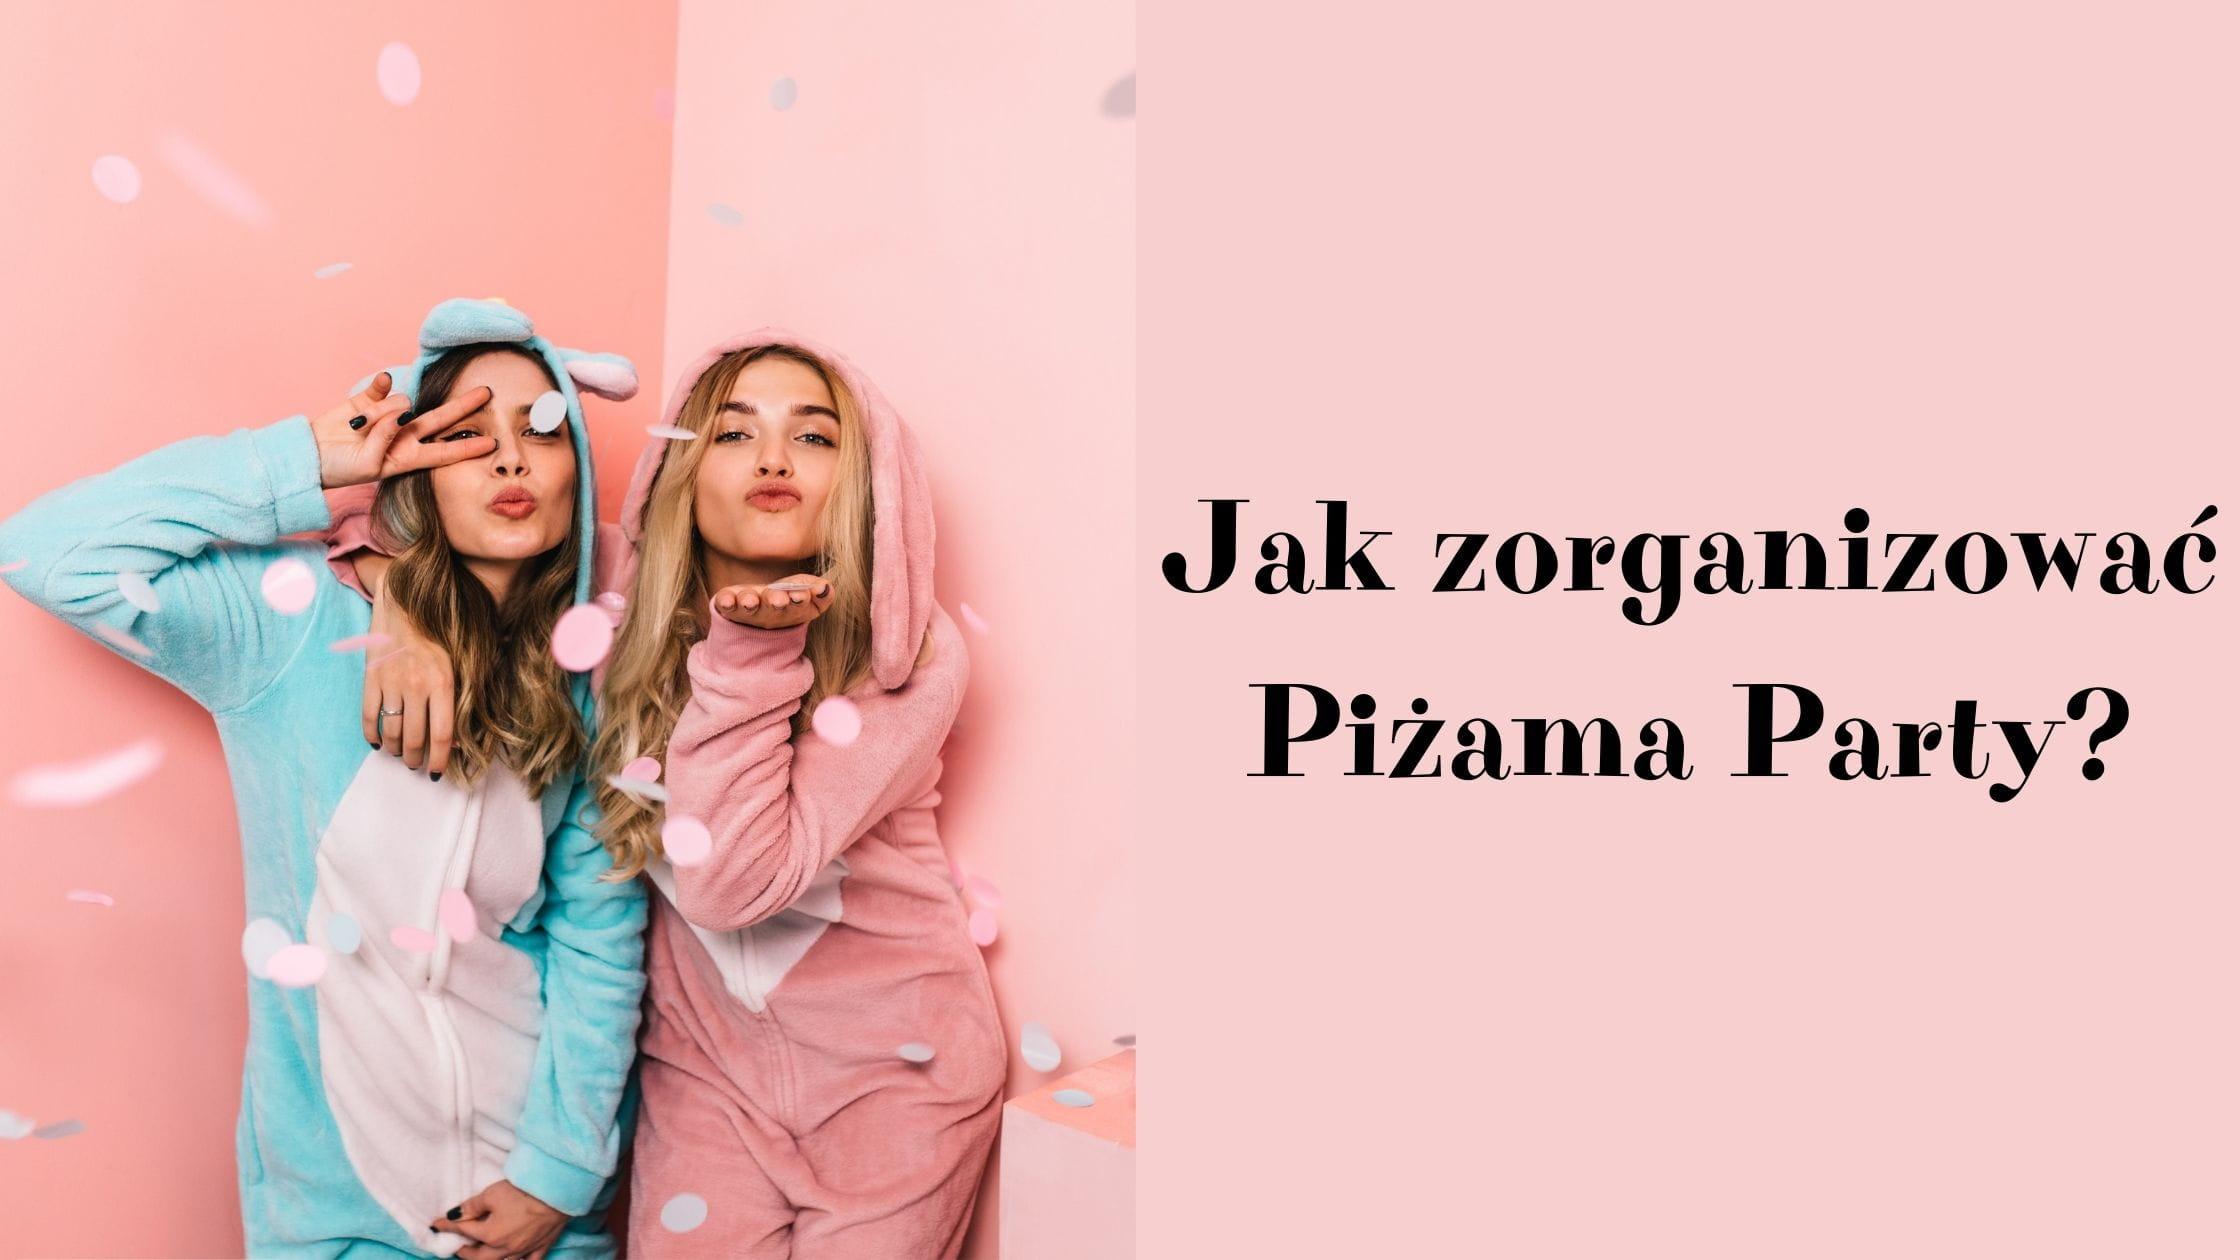 Jak zorganizować Piżama Party